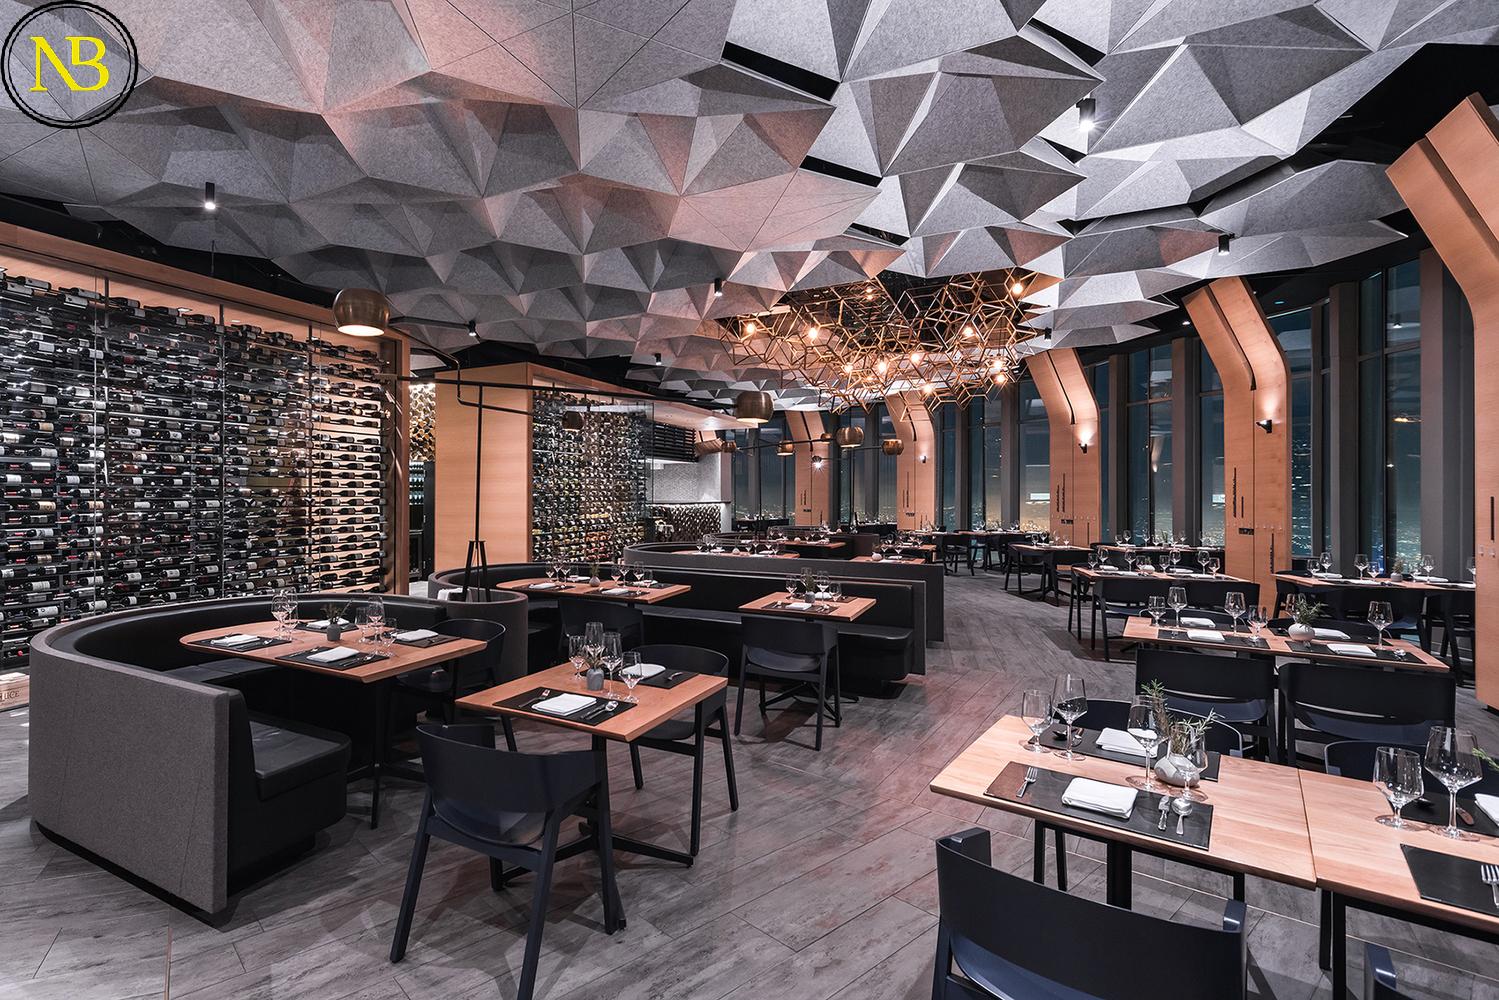 اخبار معماری، نمونه معماری و طراحی رستوران